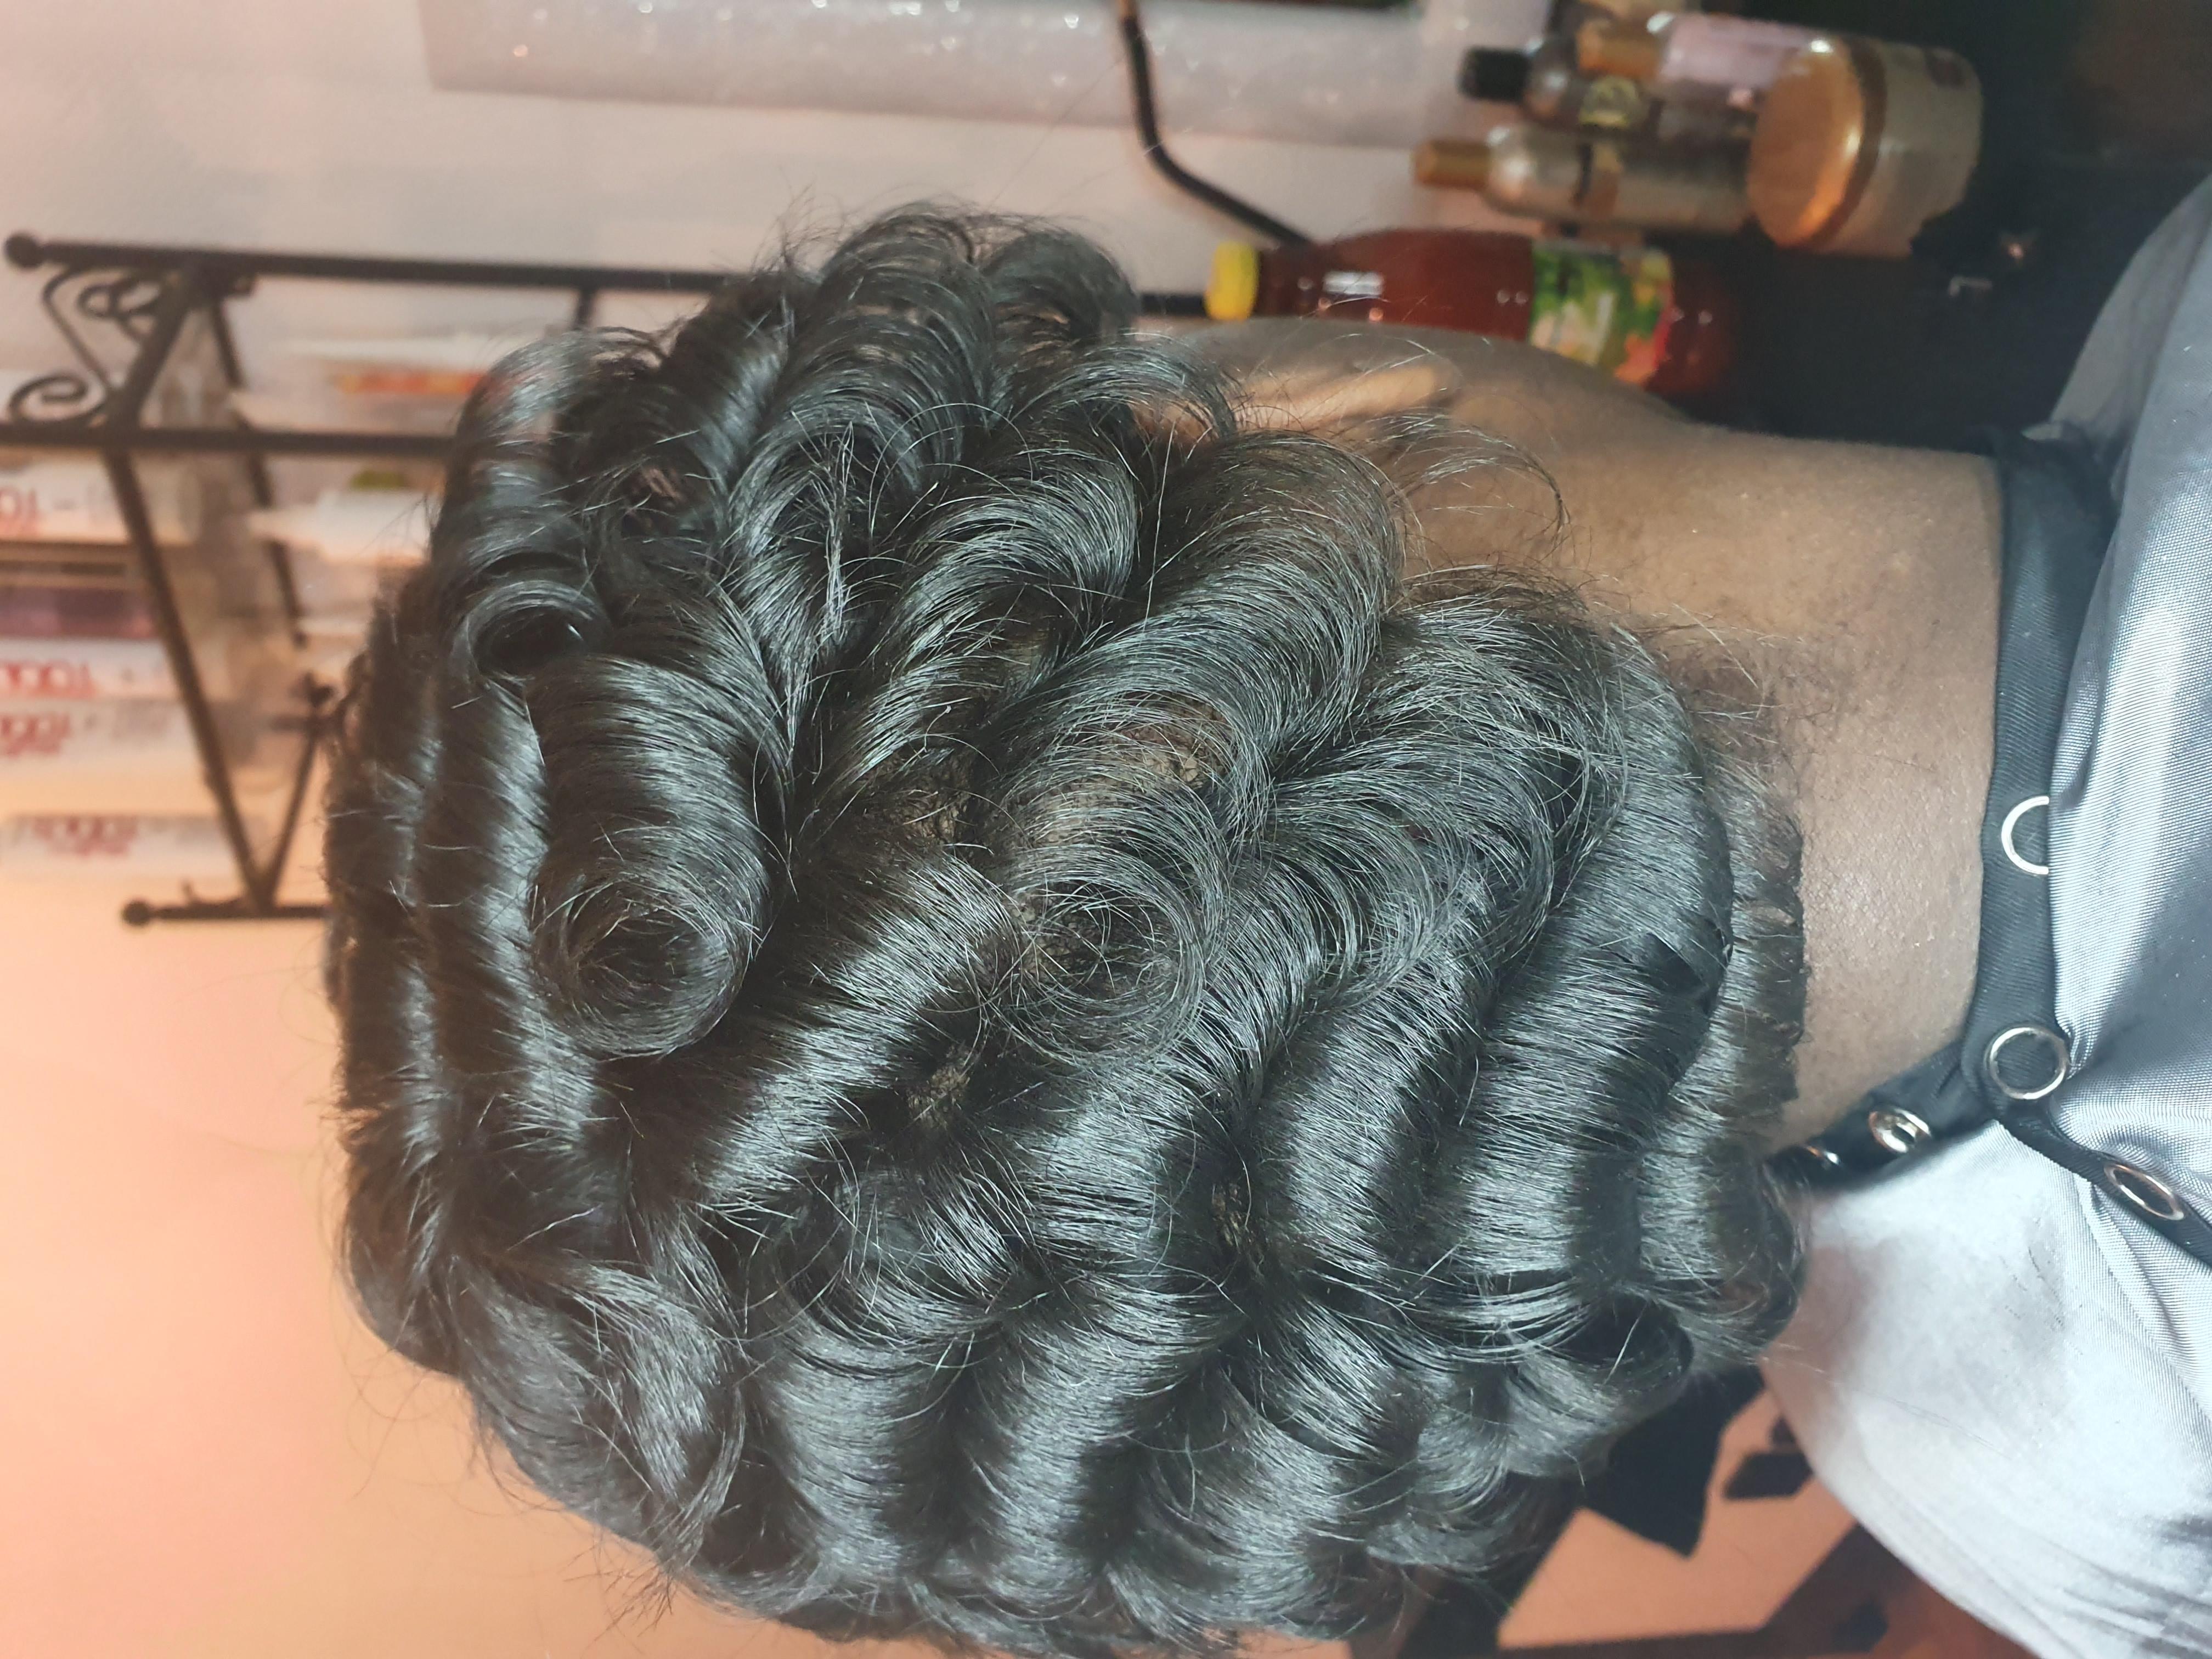 salon de coiffure afro tresse tresses box braids crochet braids vanilles tissages paris 75 77 78 91 92 93 94 95 QECFTQQE